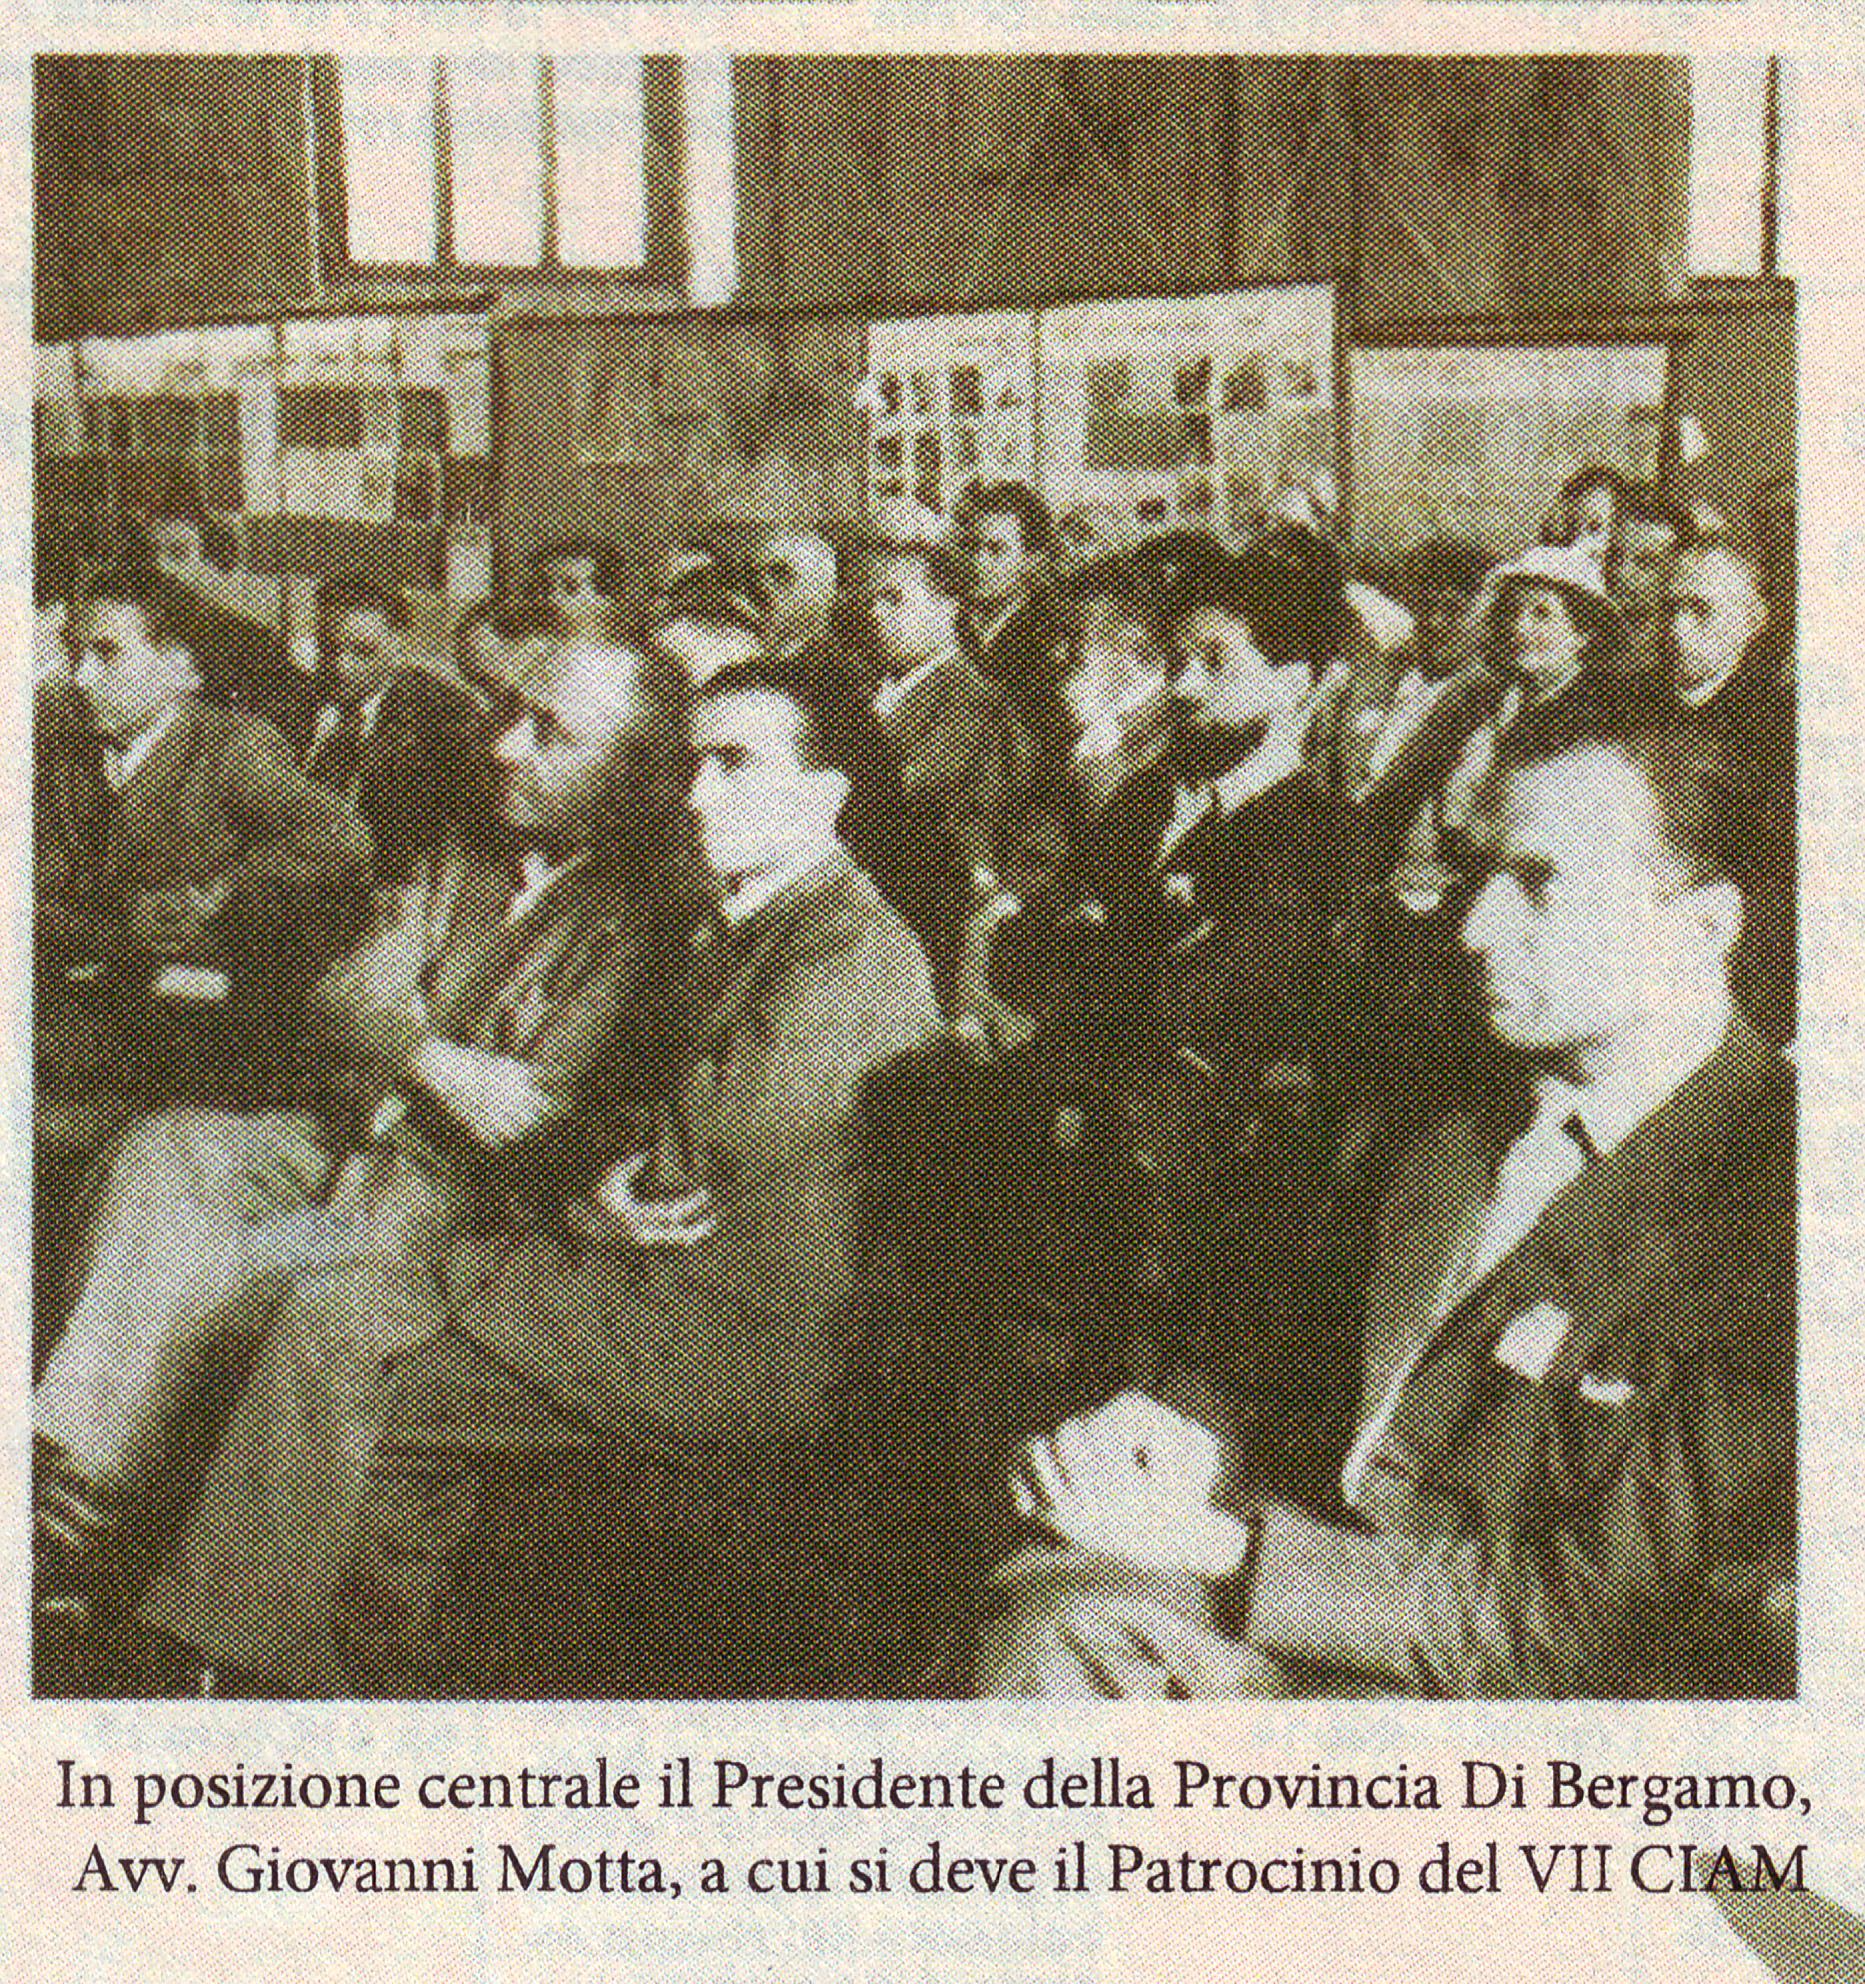 Foto tratta da articolo del l'Eco di Bergamo del 1949 su Le Corbusier a Bergamo